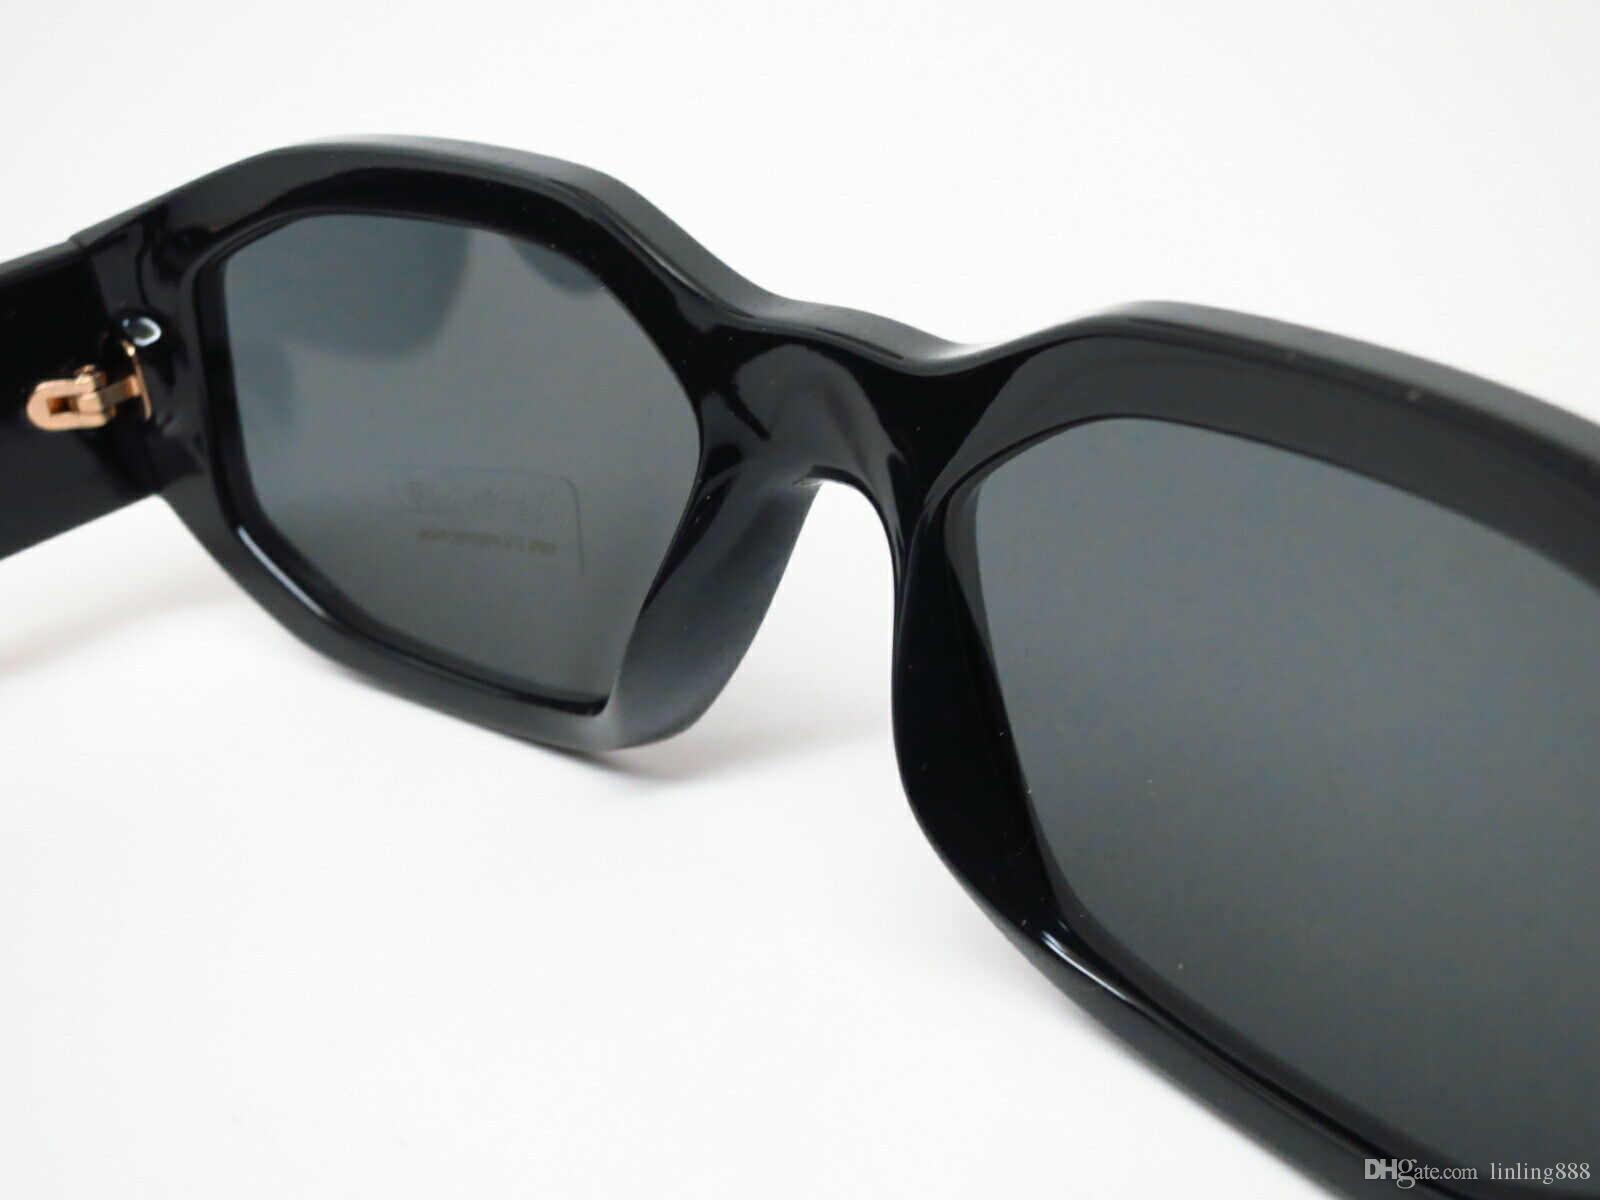 4361 GB1 / 87 أسود / رمادي نظارات رجالي 53 ملم للجنسين مصمم النظارات الشمسية النظارات الشمسية الفاخرة أزياء العلامة التجارية للرجال نظارات امرأة